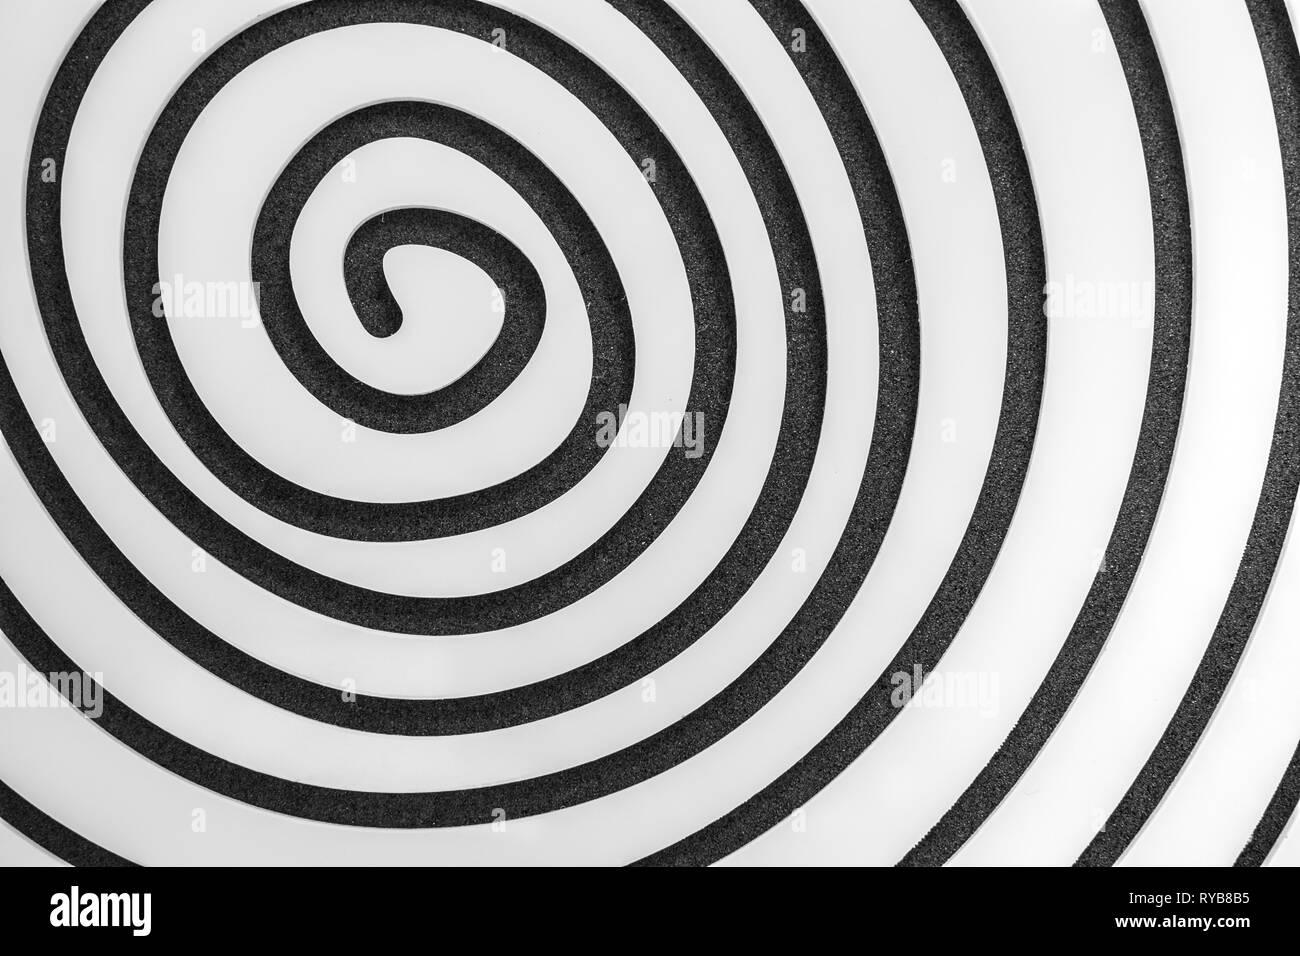 Espiral simple en blanco sobre fondo negro Imagen De Stock